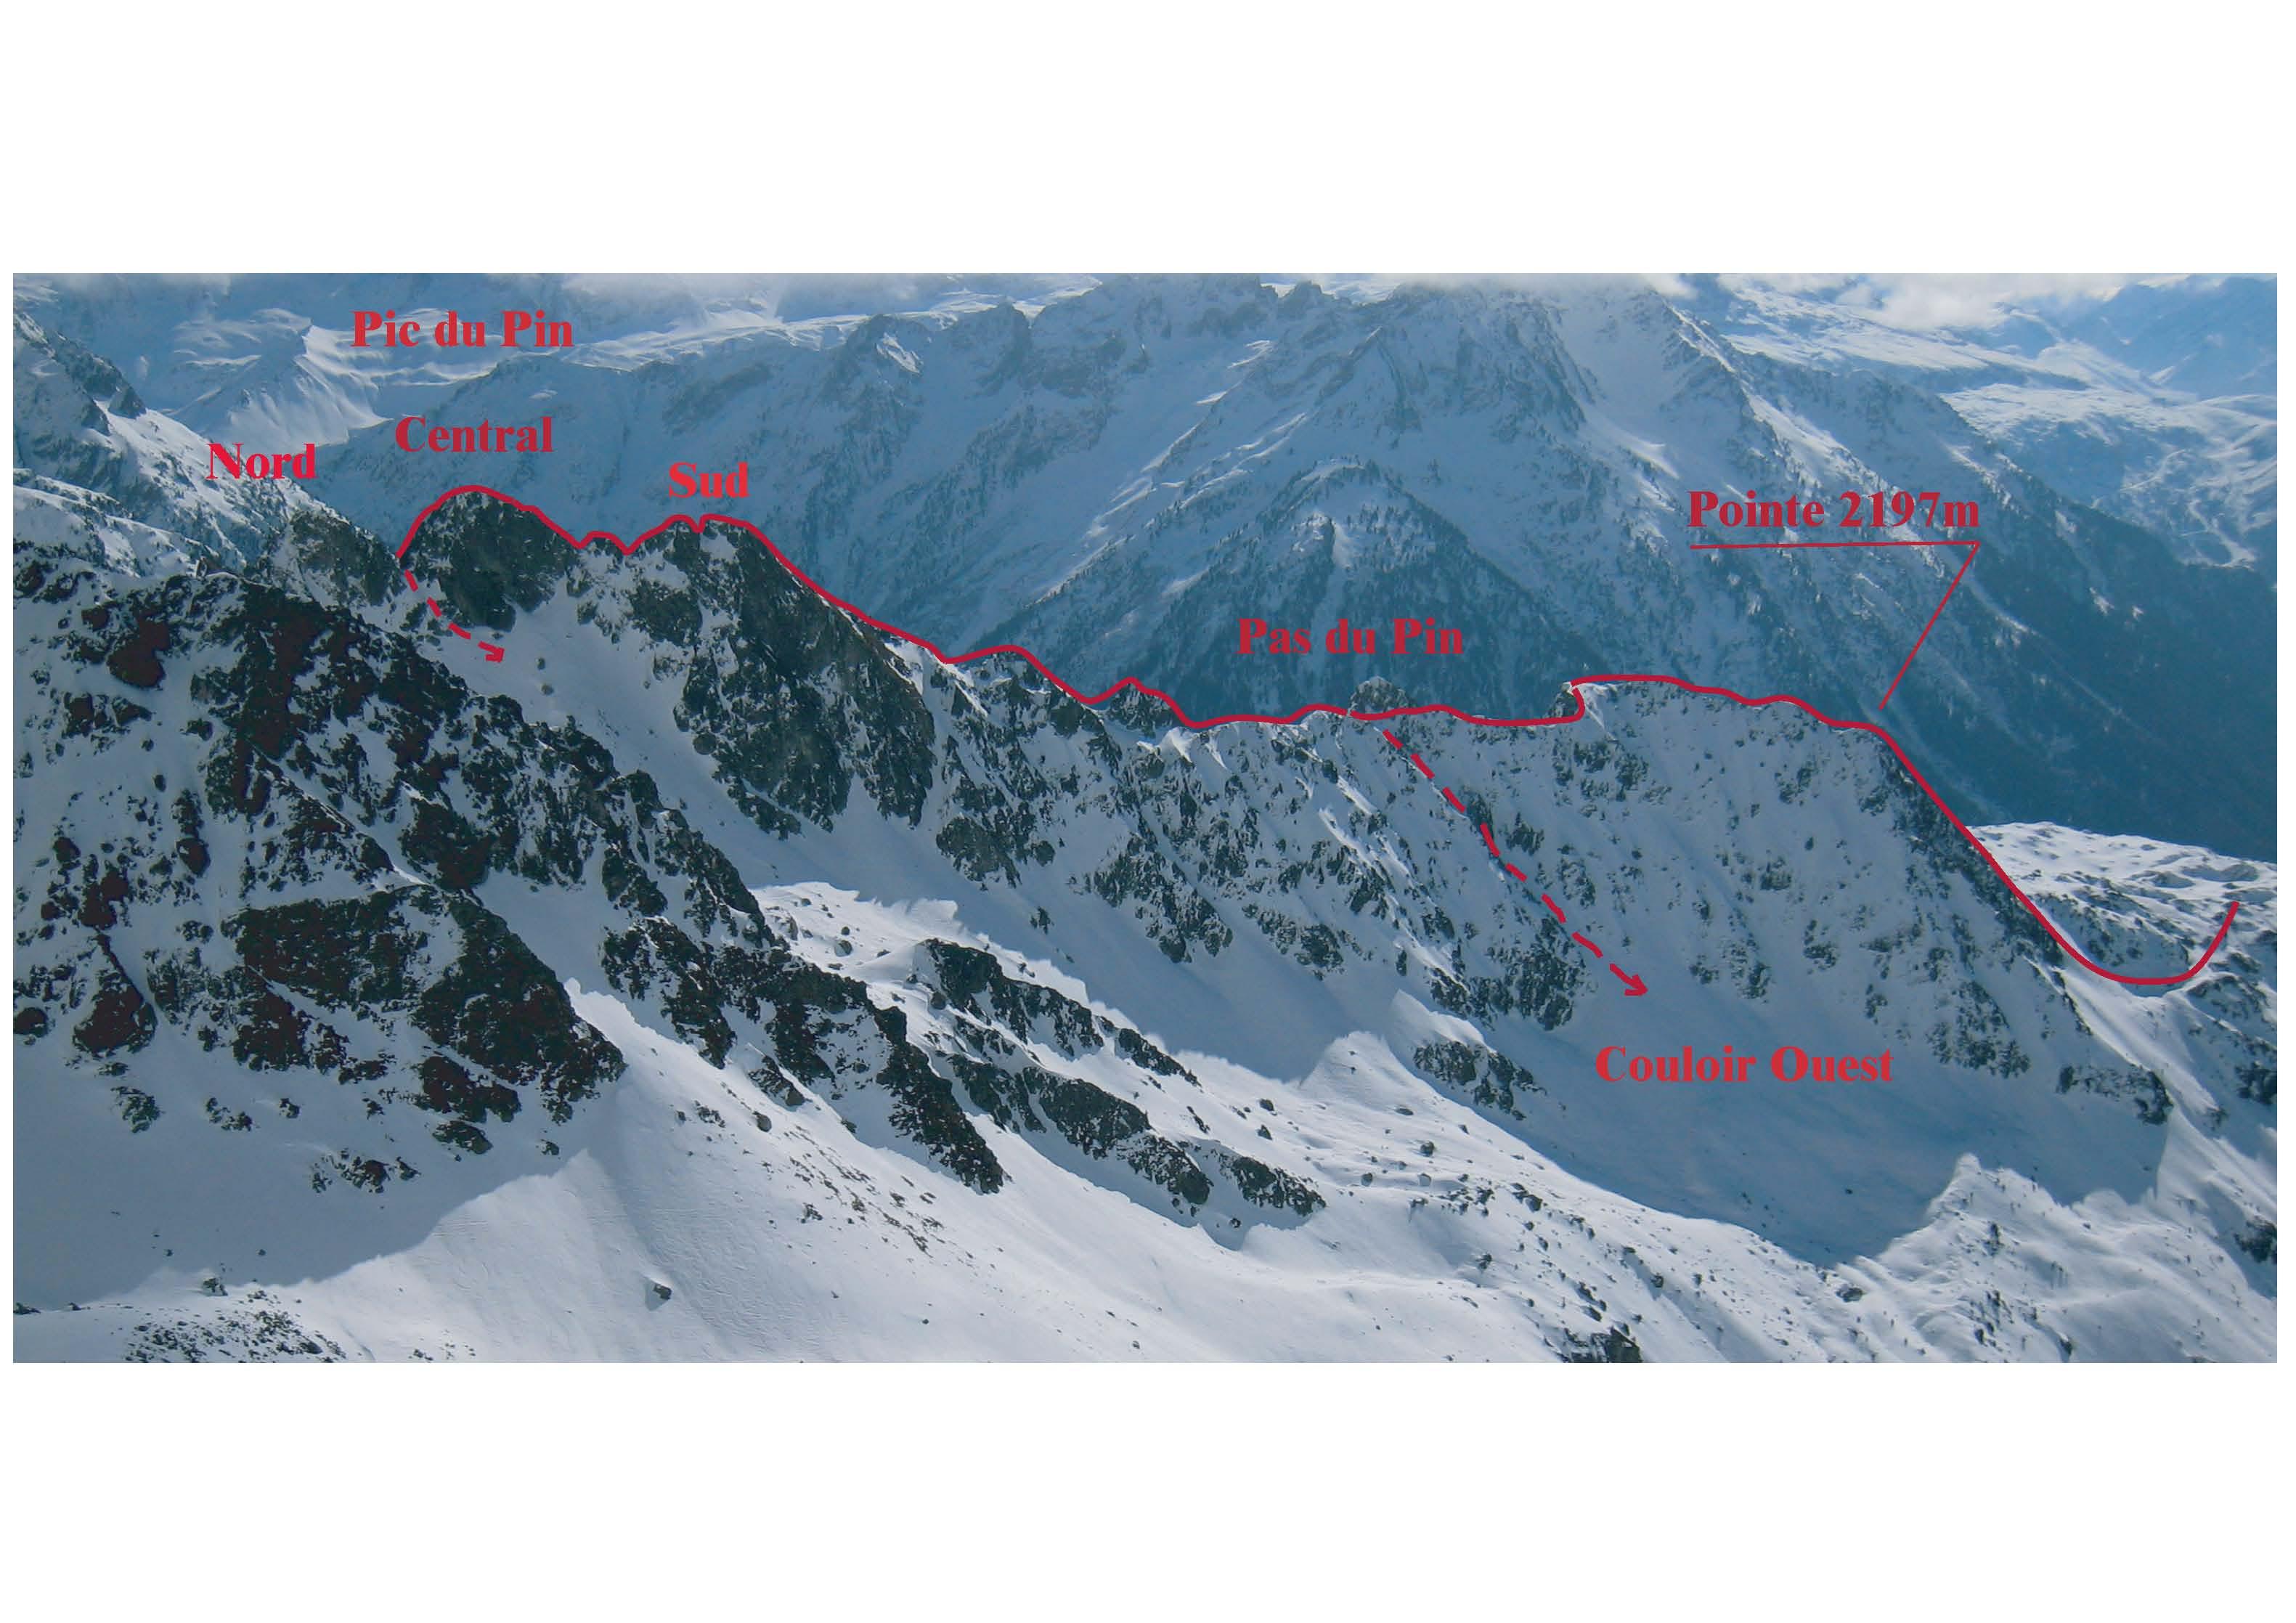 Pic du Pin - [Escalade en Dauphiné - France]